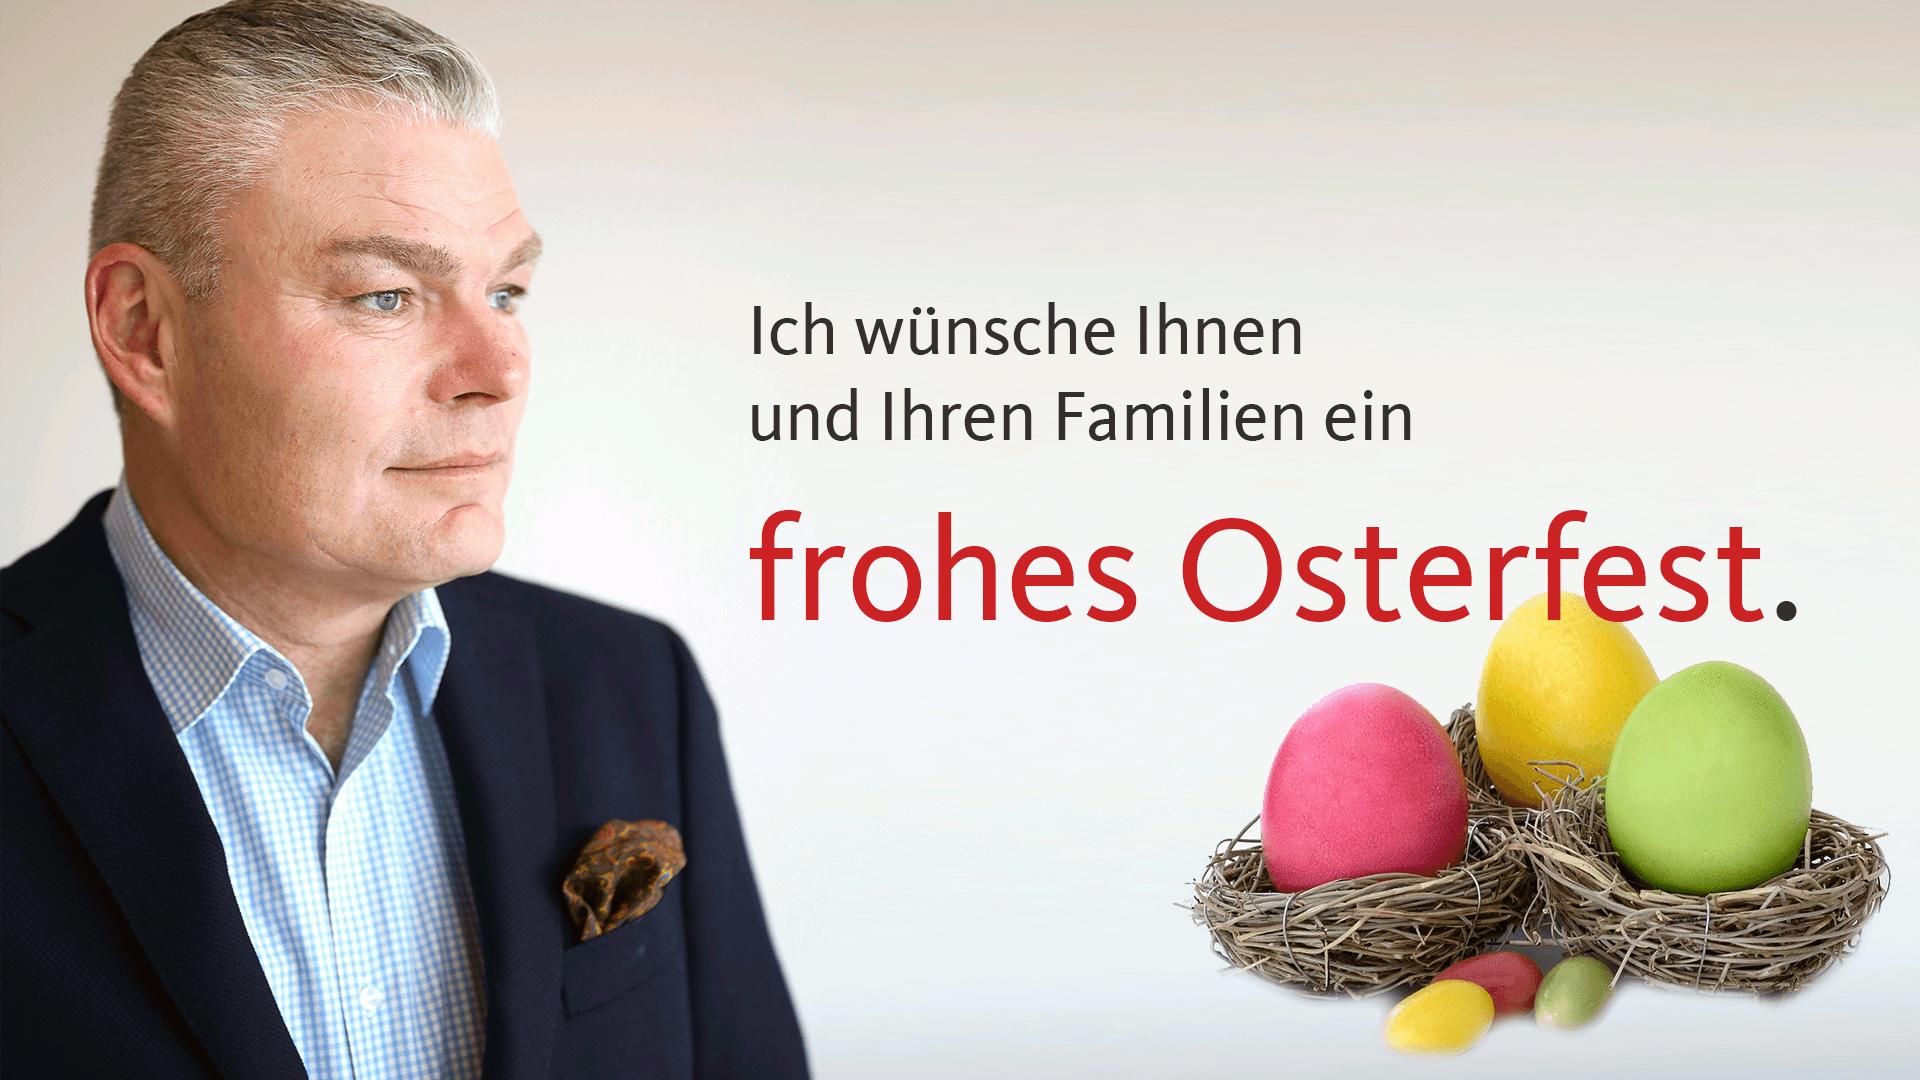 Osterbotschaft von Holger Stahlknecht (CDU)